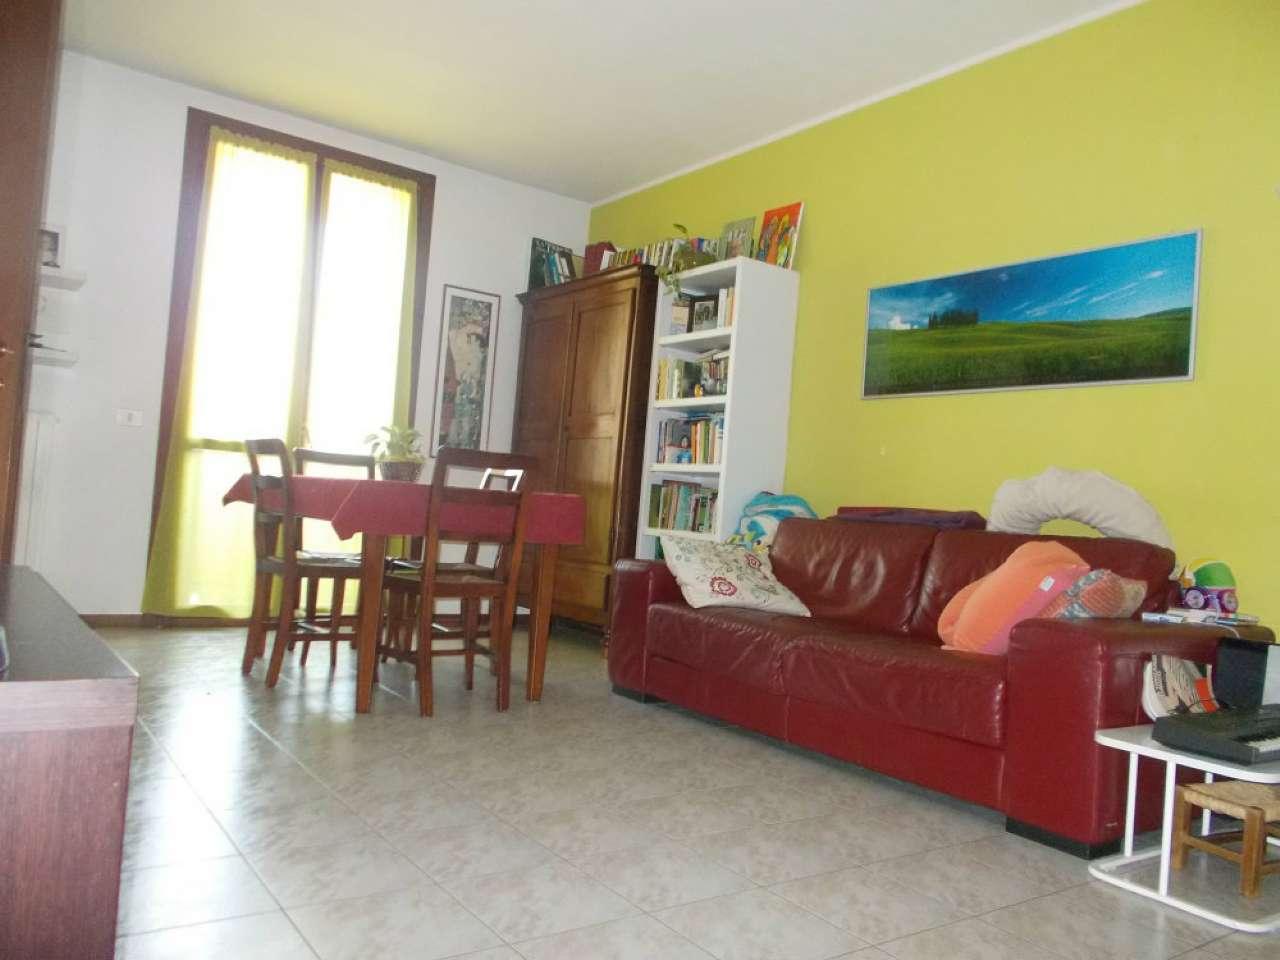 Appartamento in vendita a Quattro Castella, 9999 locali, prezzo € 120.000 | Cambio Casa.it